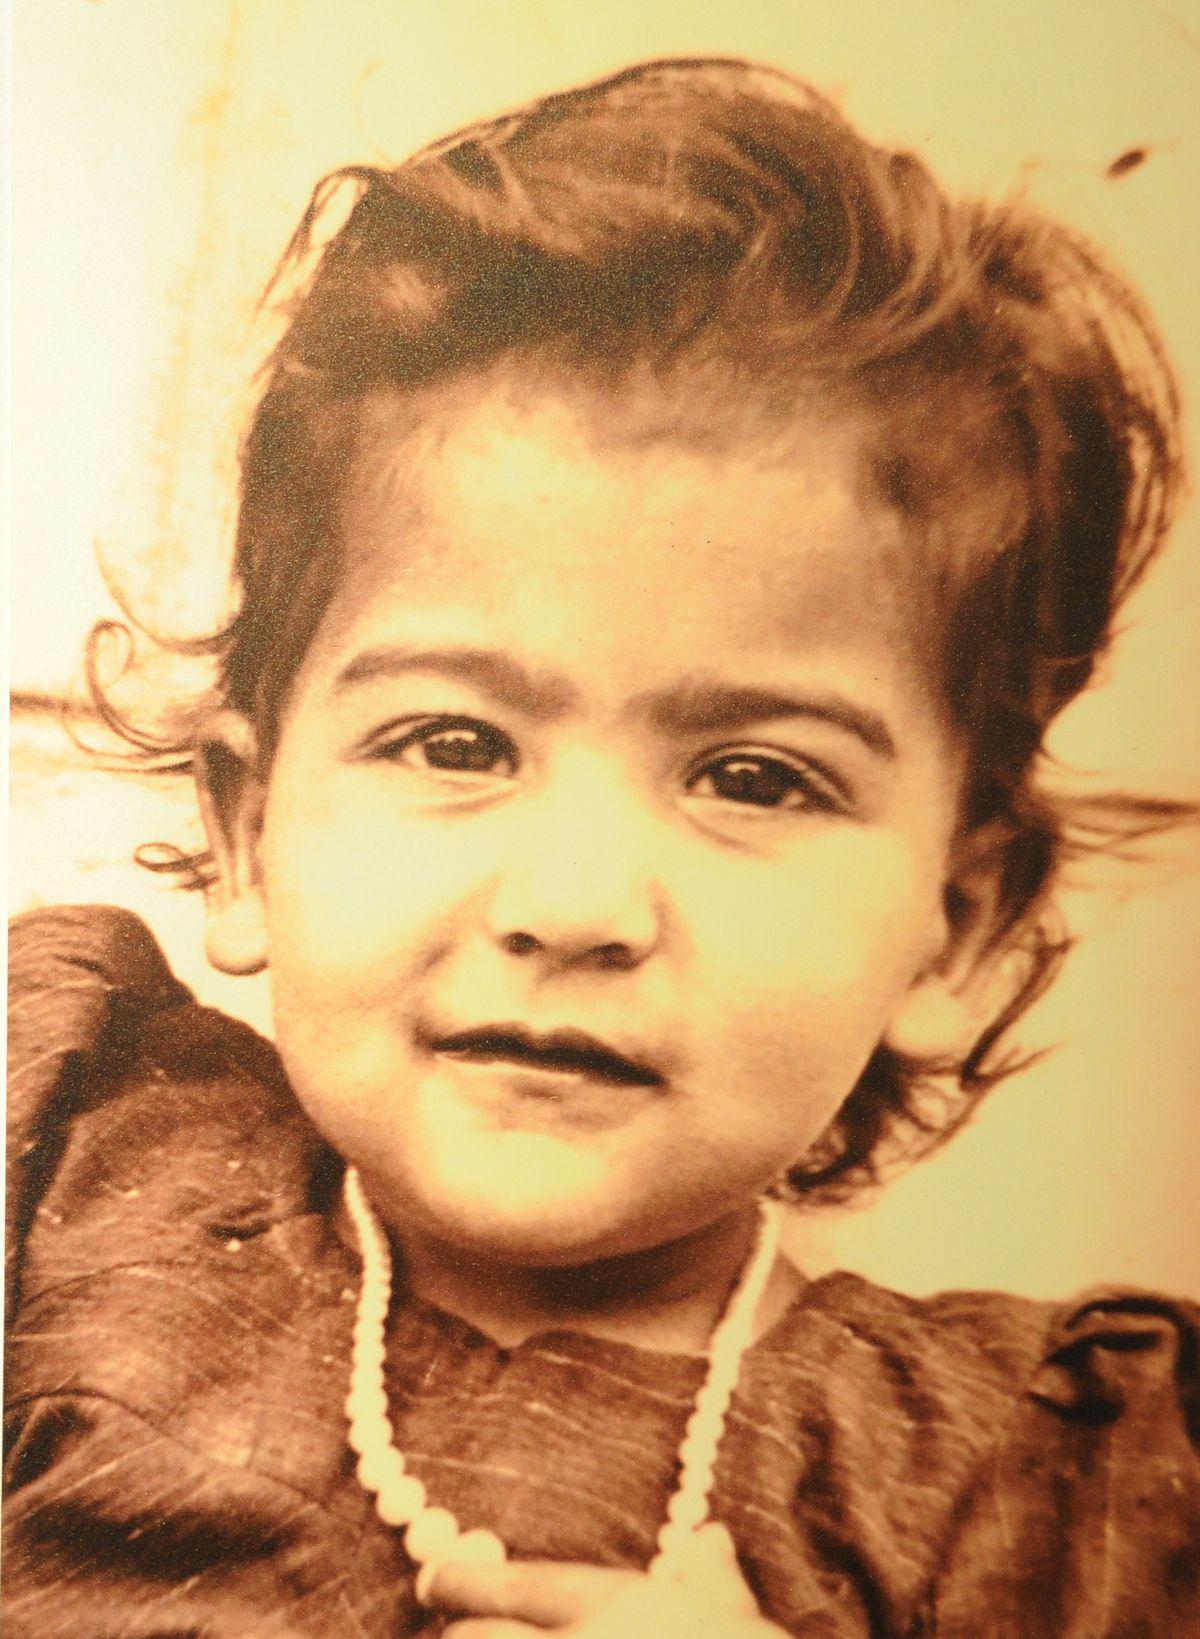 Ranbir, aged 2